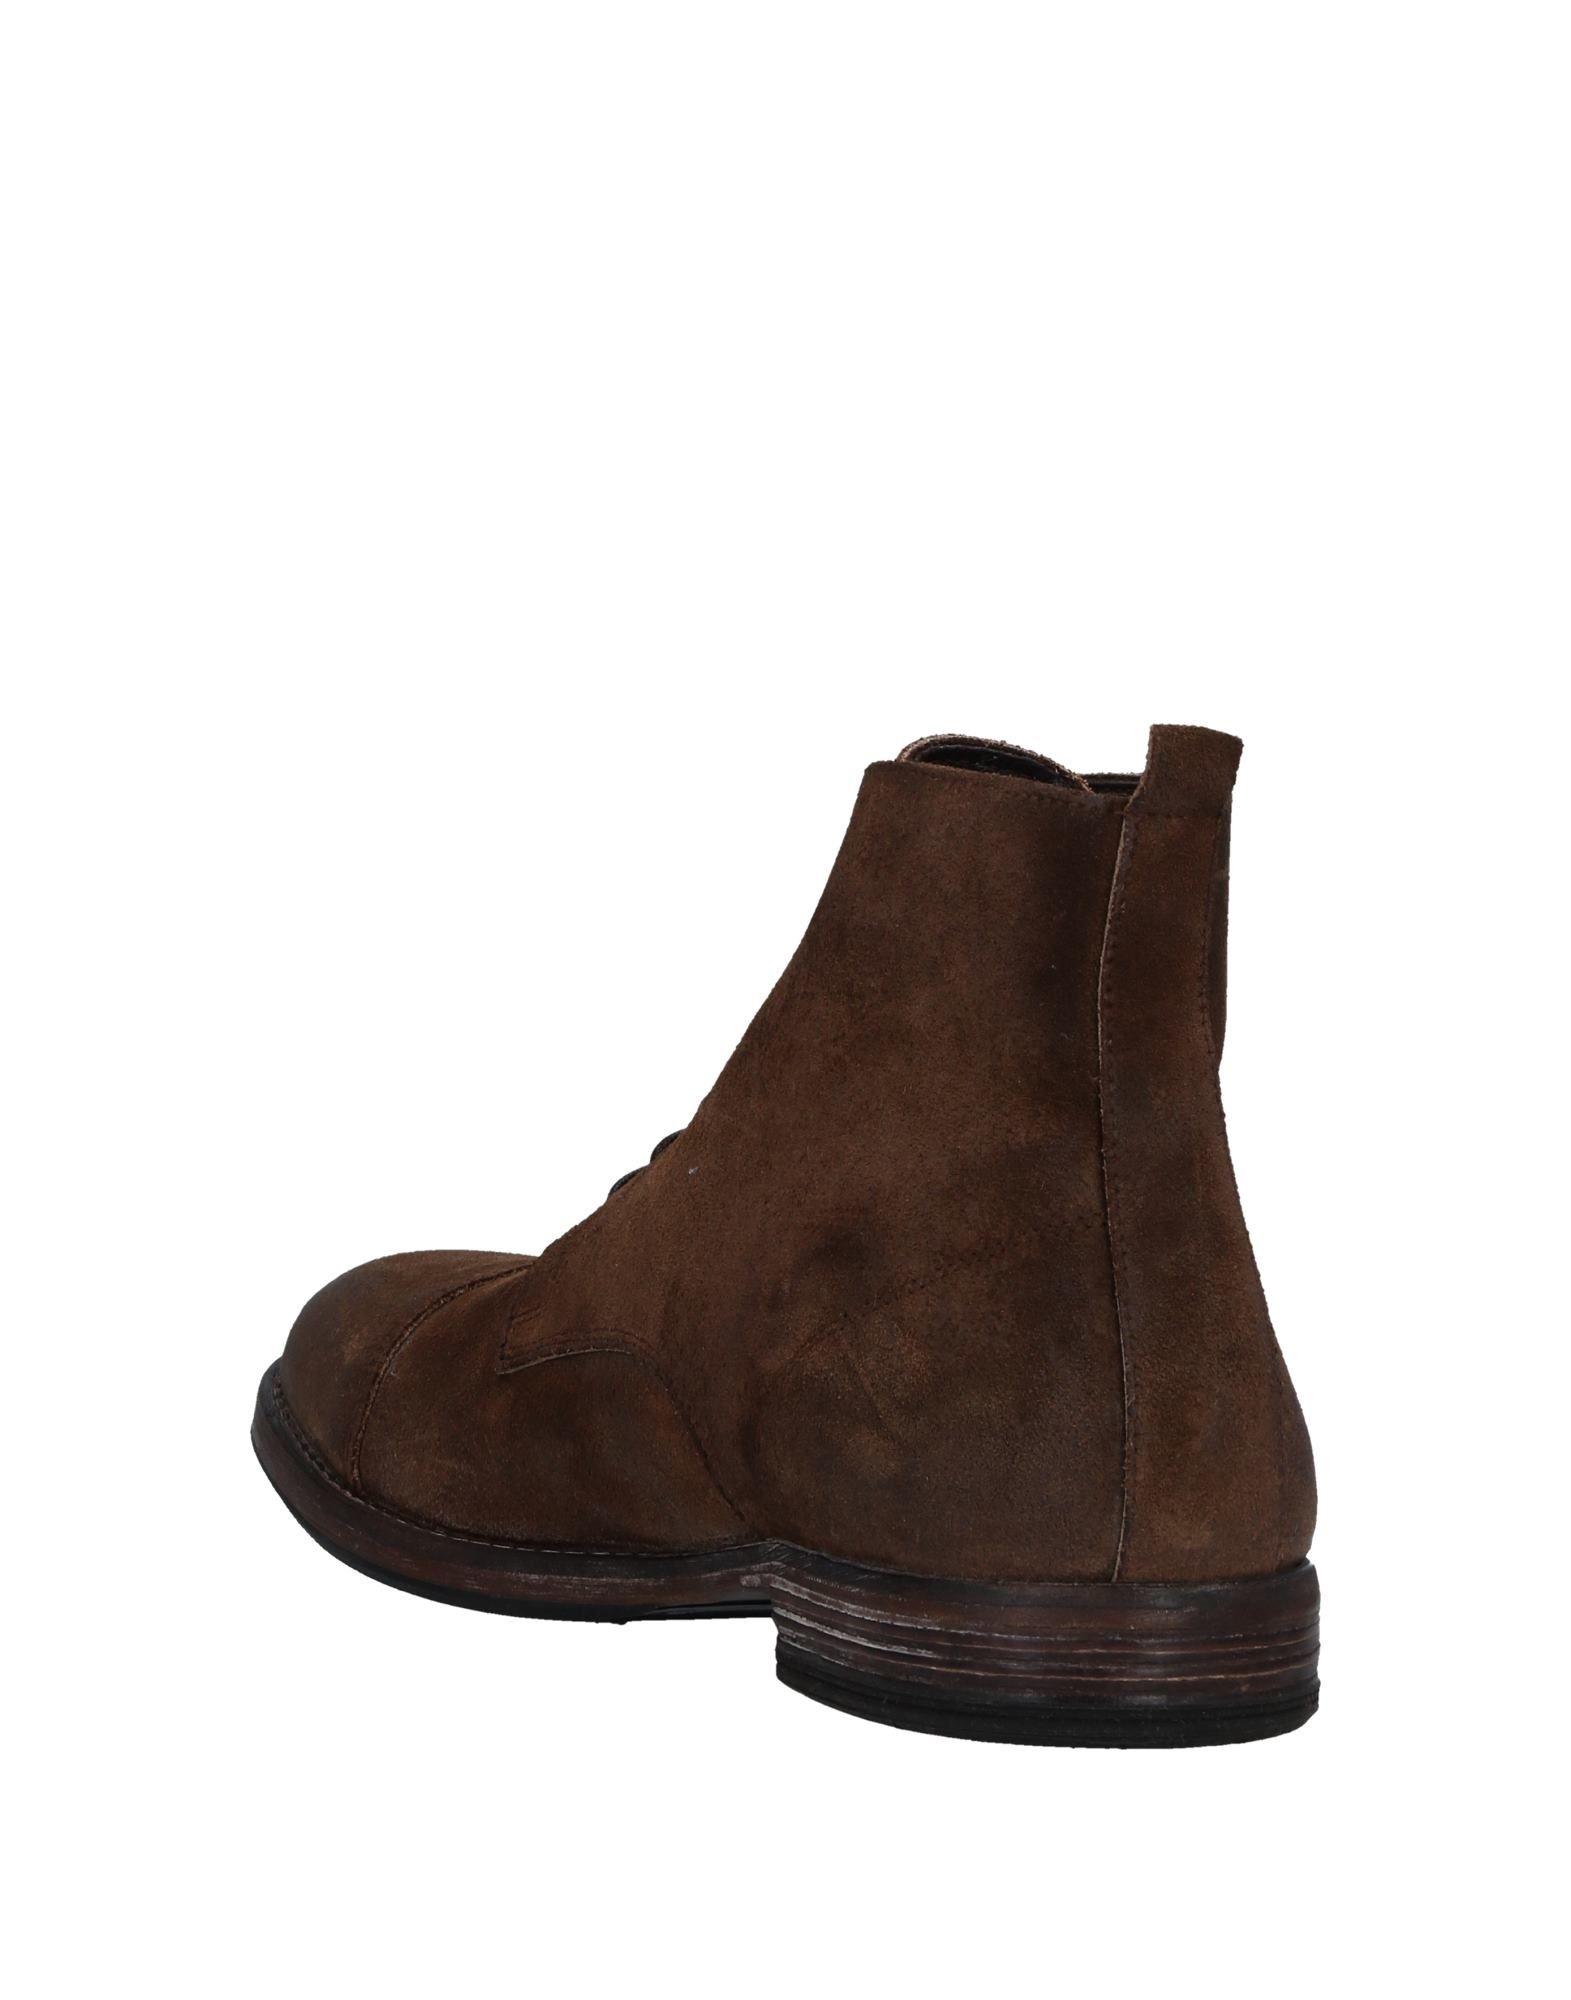 Moma Stiefelette Herren  11518694EC Gute Qualität beliebte Schuhe